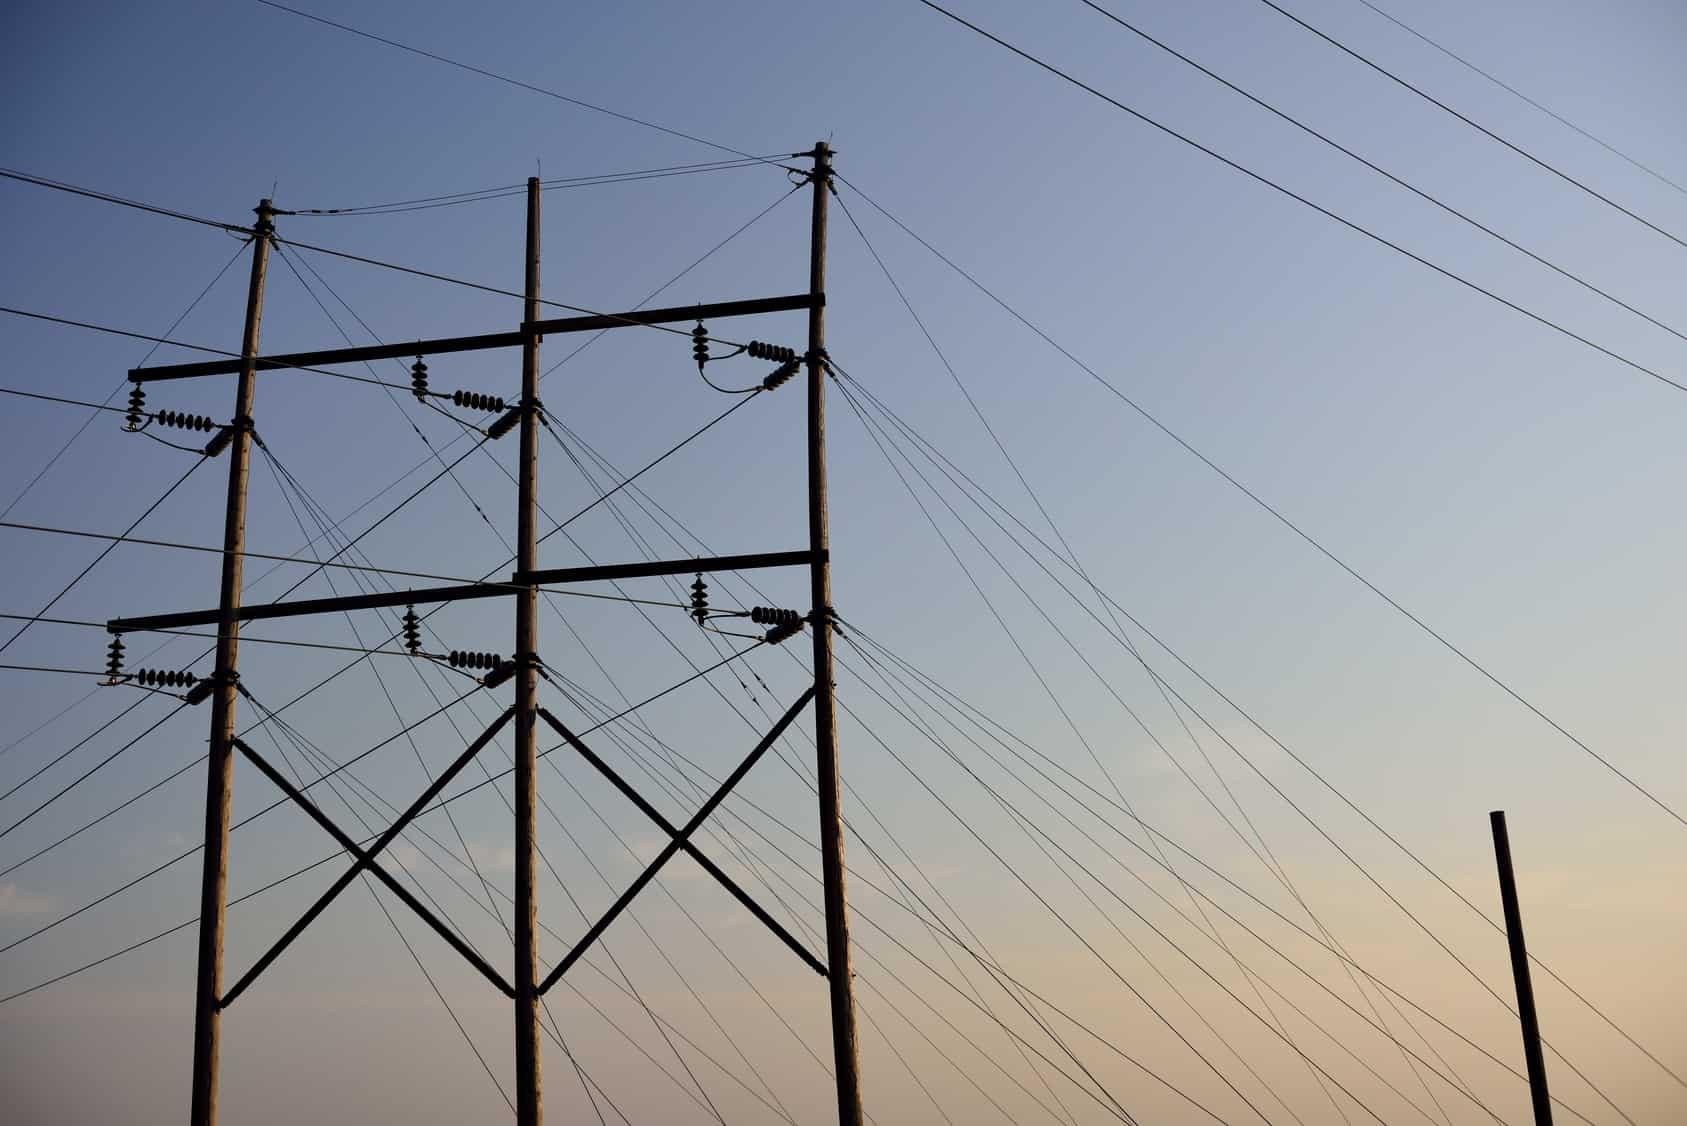 Se encuentra en su fase final el Procedimiento de Presentación de Ofertas (PPO) de la licitación de 120 MHz de espectro radioeléctrico en la banda de 2.5 GHz